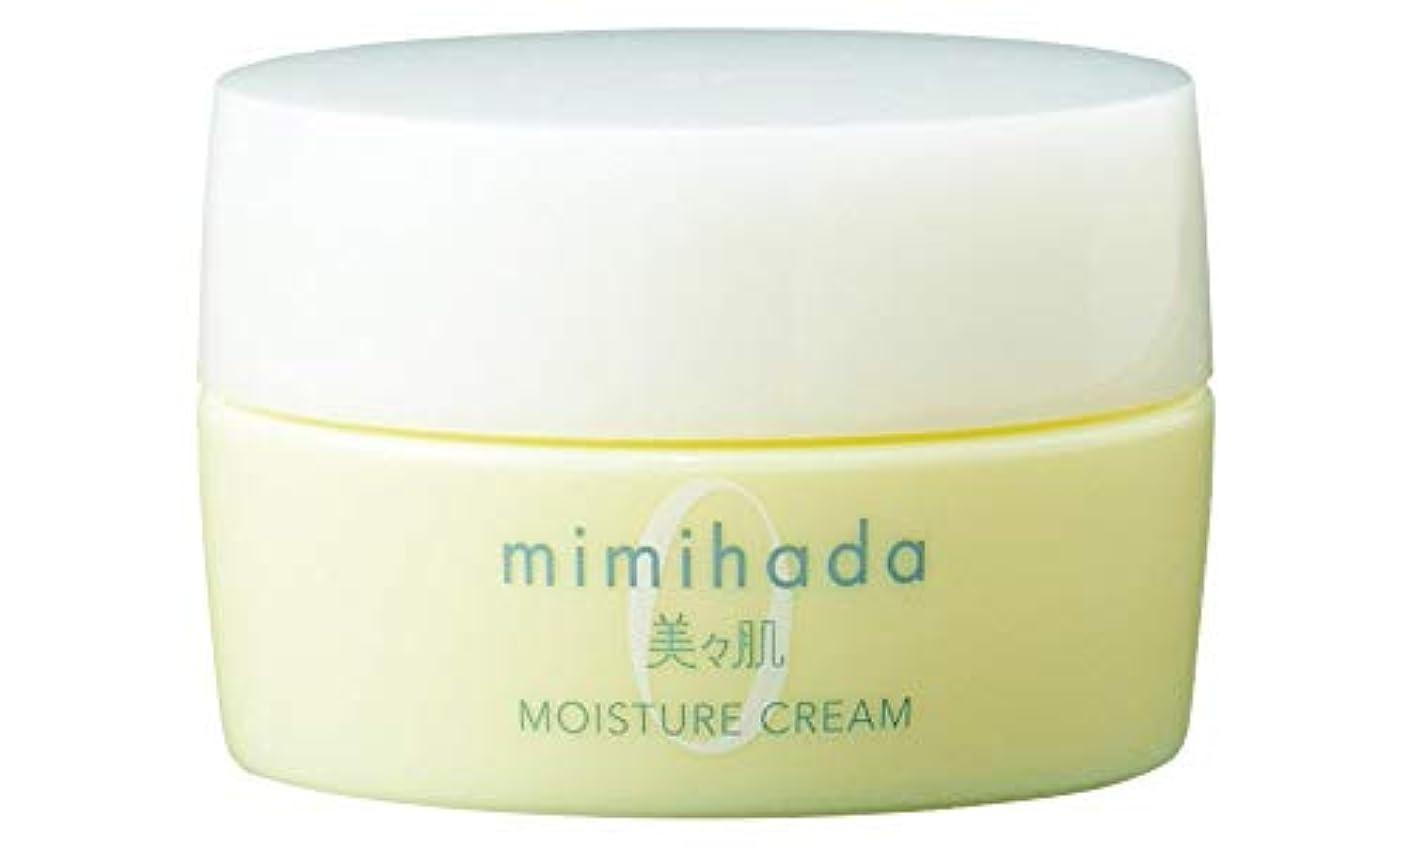 タンザニアに応じてアジャ美々肌 モイスチャークリーム 50g 保湿クリーム